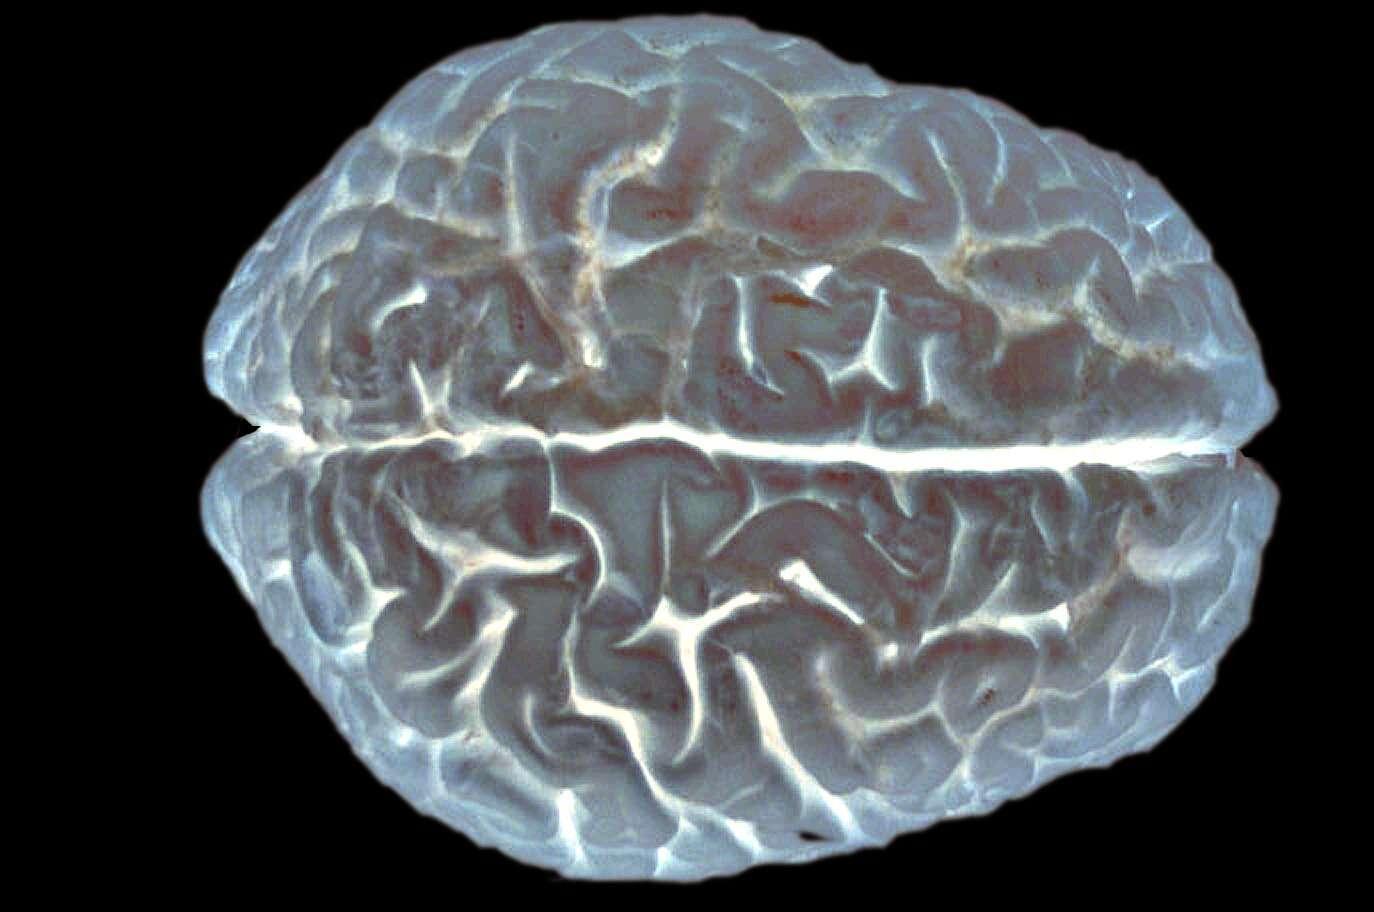 Le cerveau cache encore de nombreux mystères. Dans cette étude, les chercheurs ont découvert un gène impliqué dans les facultés intellectuelles, qui affecterait le développement du cortex. © EUSKALANATO / Flickr - Licence Creative Commons (by-nc-sa 2.0)